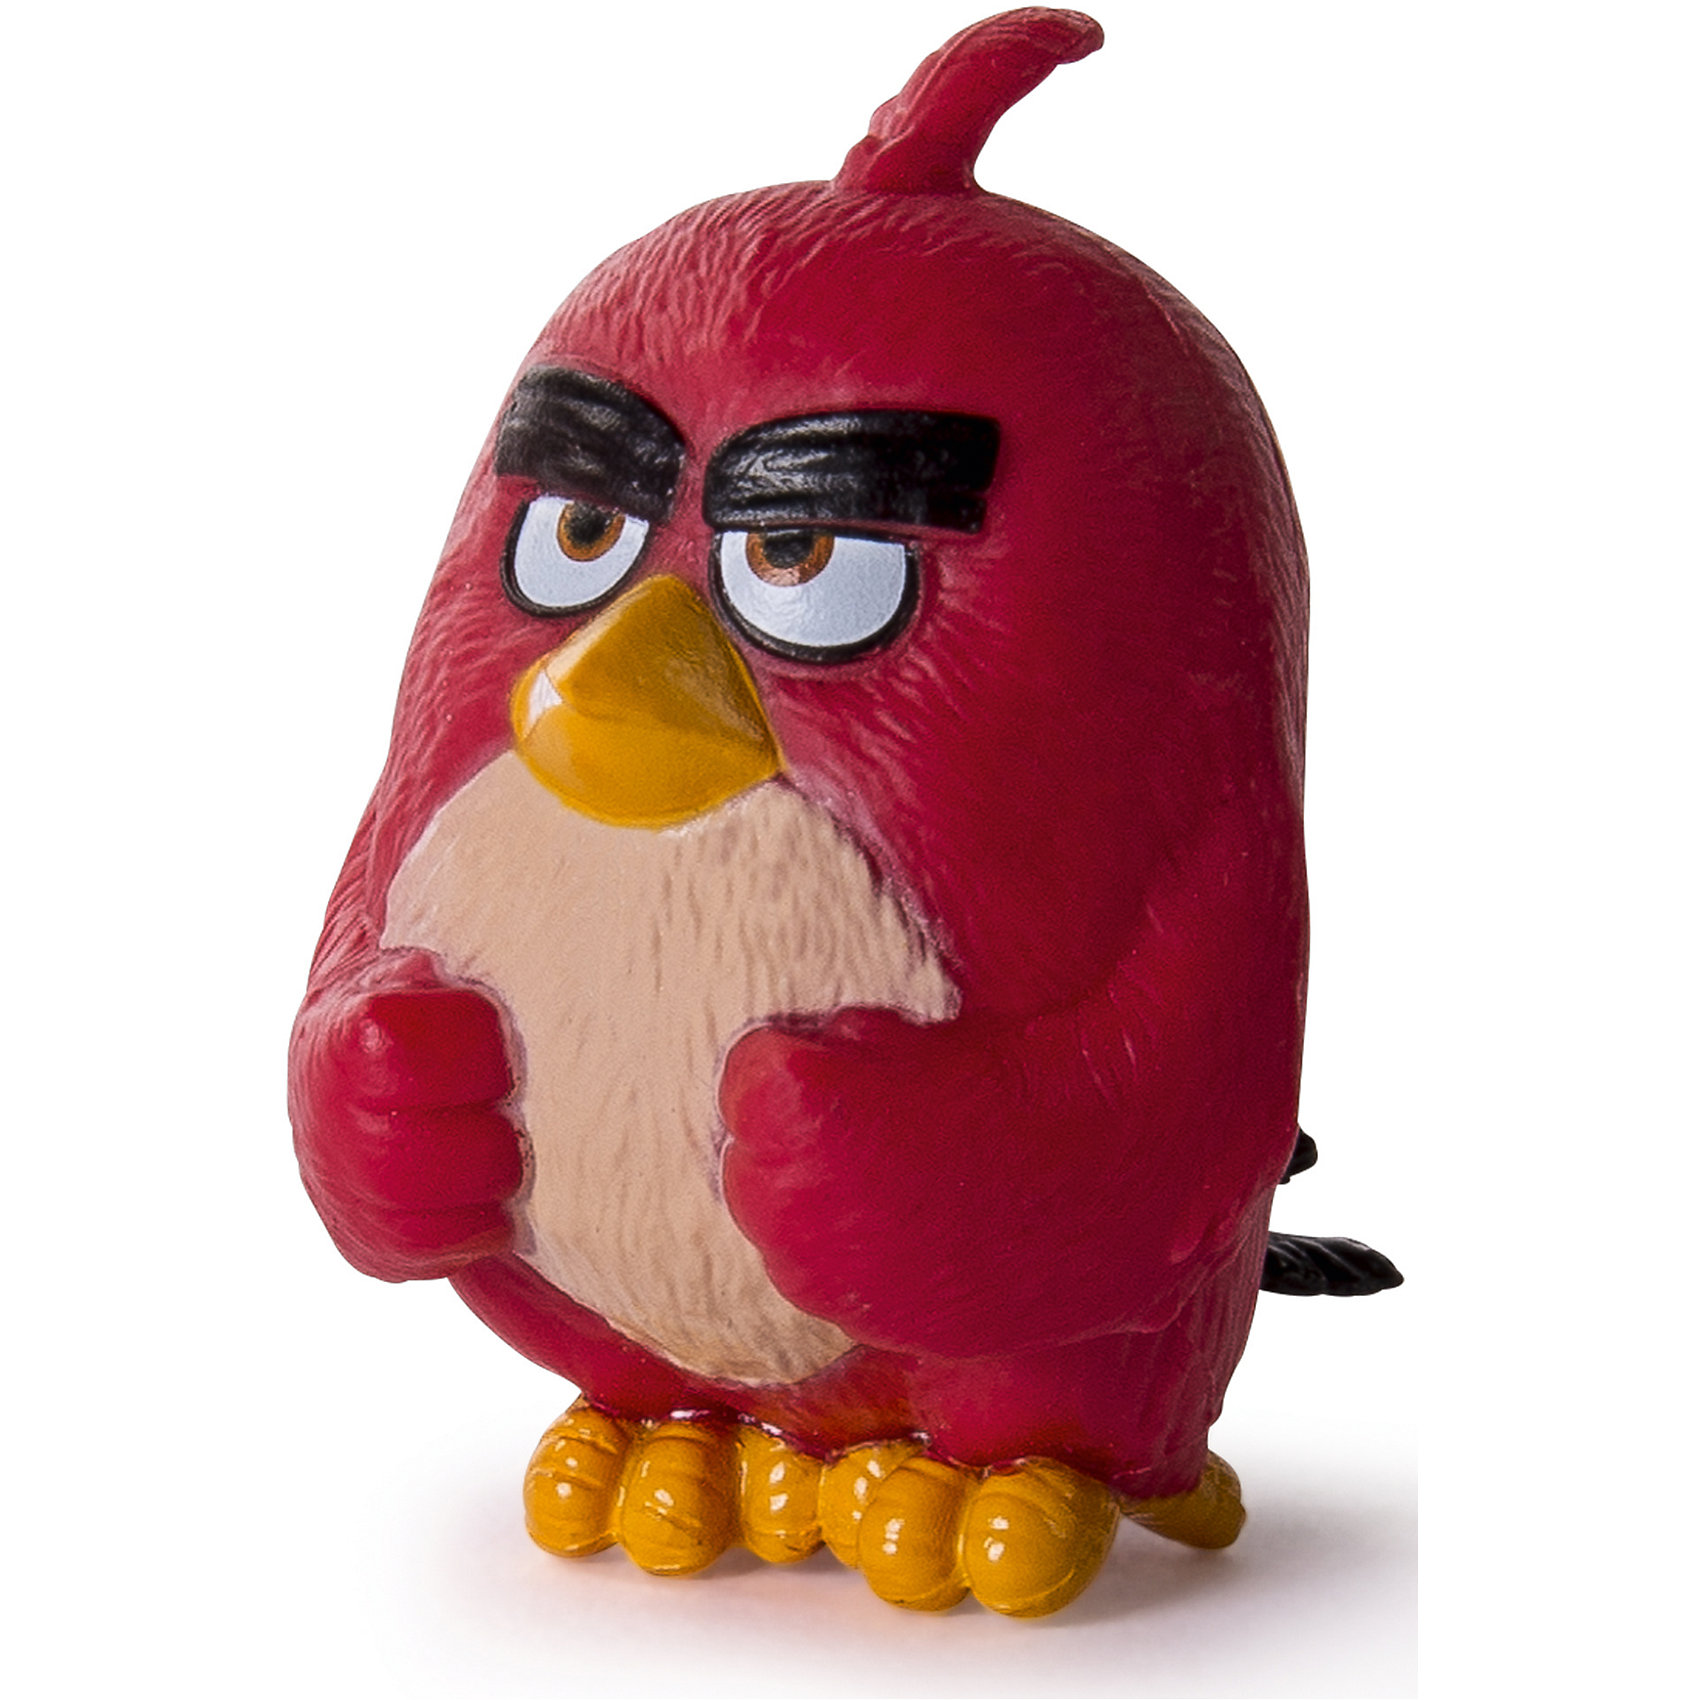 Коллекционная фигурка , Angry BirdsЛюбимые герои<br>Характеристики товара:<br><br>• возраст от 3 лет;<br>• материал: пластик;<br>• высота фигурки 5 см;<br>• размер упаковки 15х16х4 см;<br>• вес упаковки 320 гр.;<br>• страна производитель: Китай.<br><br>Коллекционная фигурка «Ред» Angry Birds — персонаж известной компьютерной игры Angry Birds, в которой злые птички сражаются со смешными зелеными поросятами. Дети могут собрать целую коллекцию популярных персонажей, а также придумать с ними сюжеты для игры. Игрушка изготовлена из качественного пластика.<br><br>Коллекционную фигурку «Ред» Angry Birds можно приобрести в нашем интернет-магазине.<br><br>Ширина мм: 131<br>Глубина мм: 123<br>Высота мм: 45<br>Вес г: 23<br>Возраст от месяцев: 48<br>Возраст до месяцев: 96<br>Пол: Мужской<br>Возраст: Детский<br>SKU: 6741917